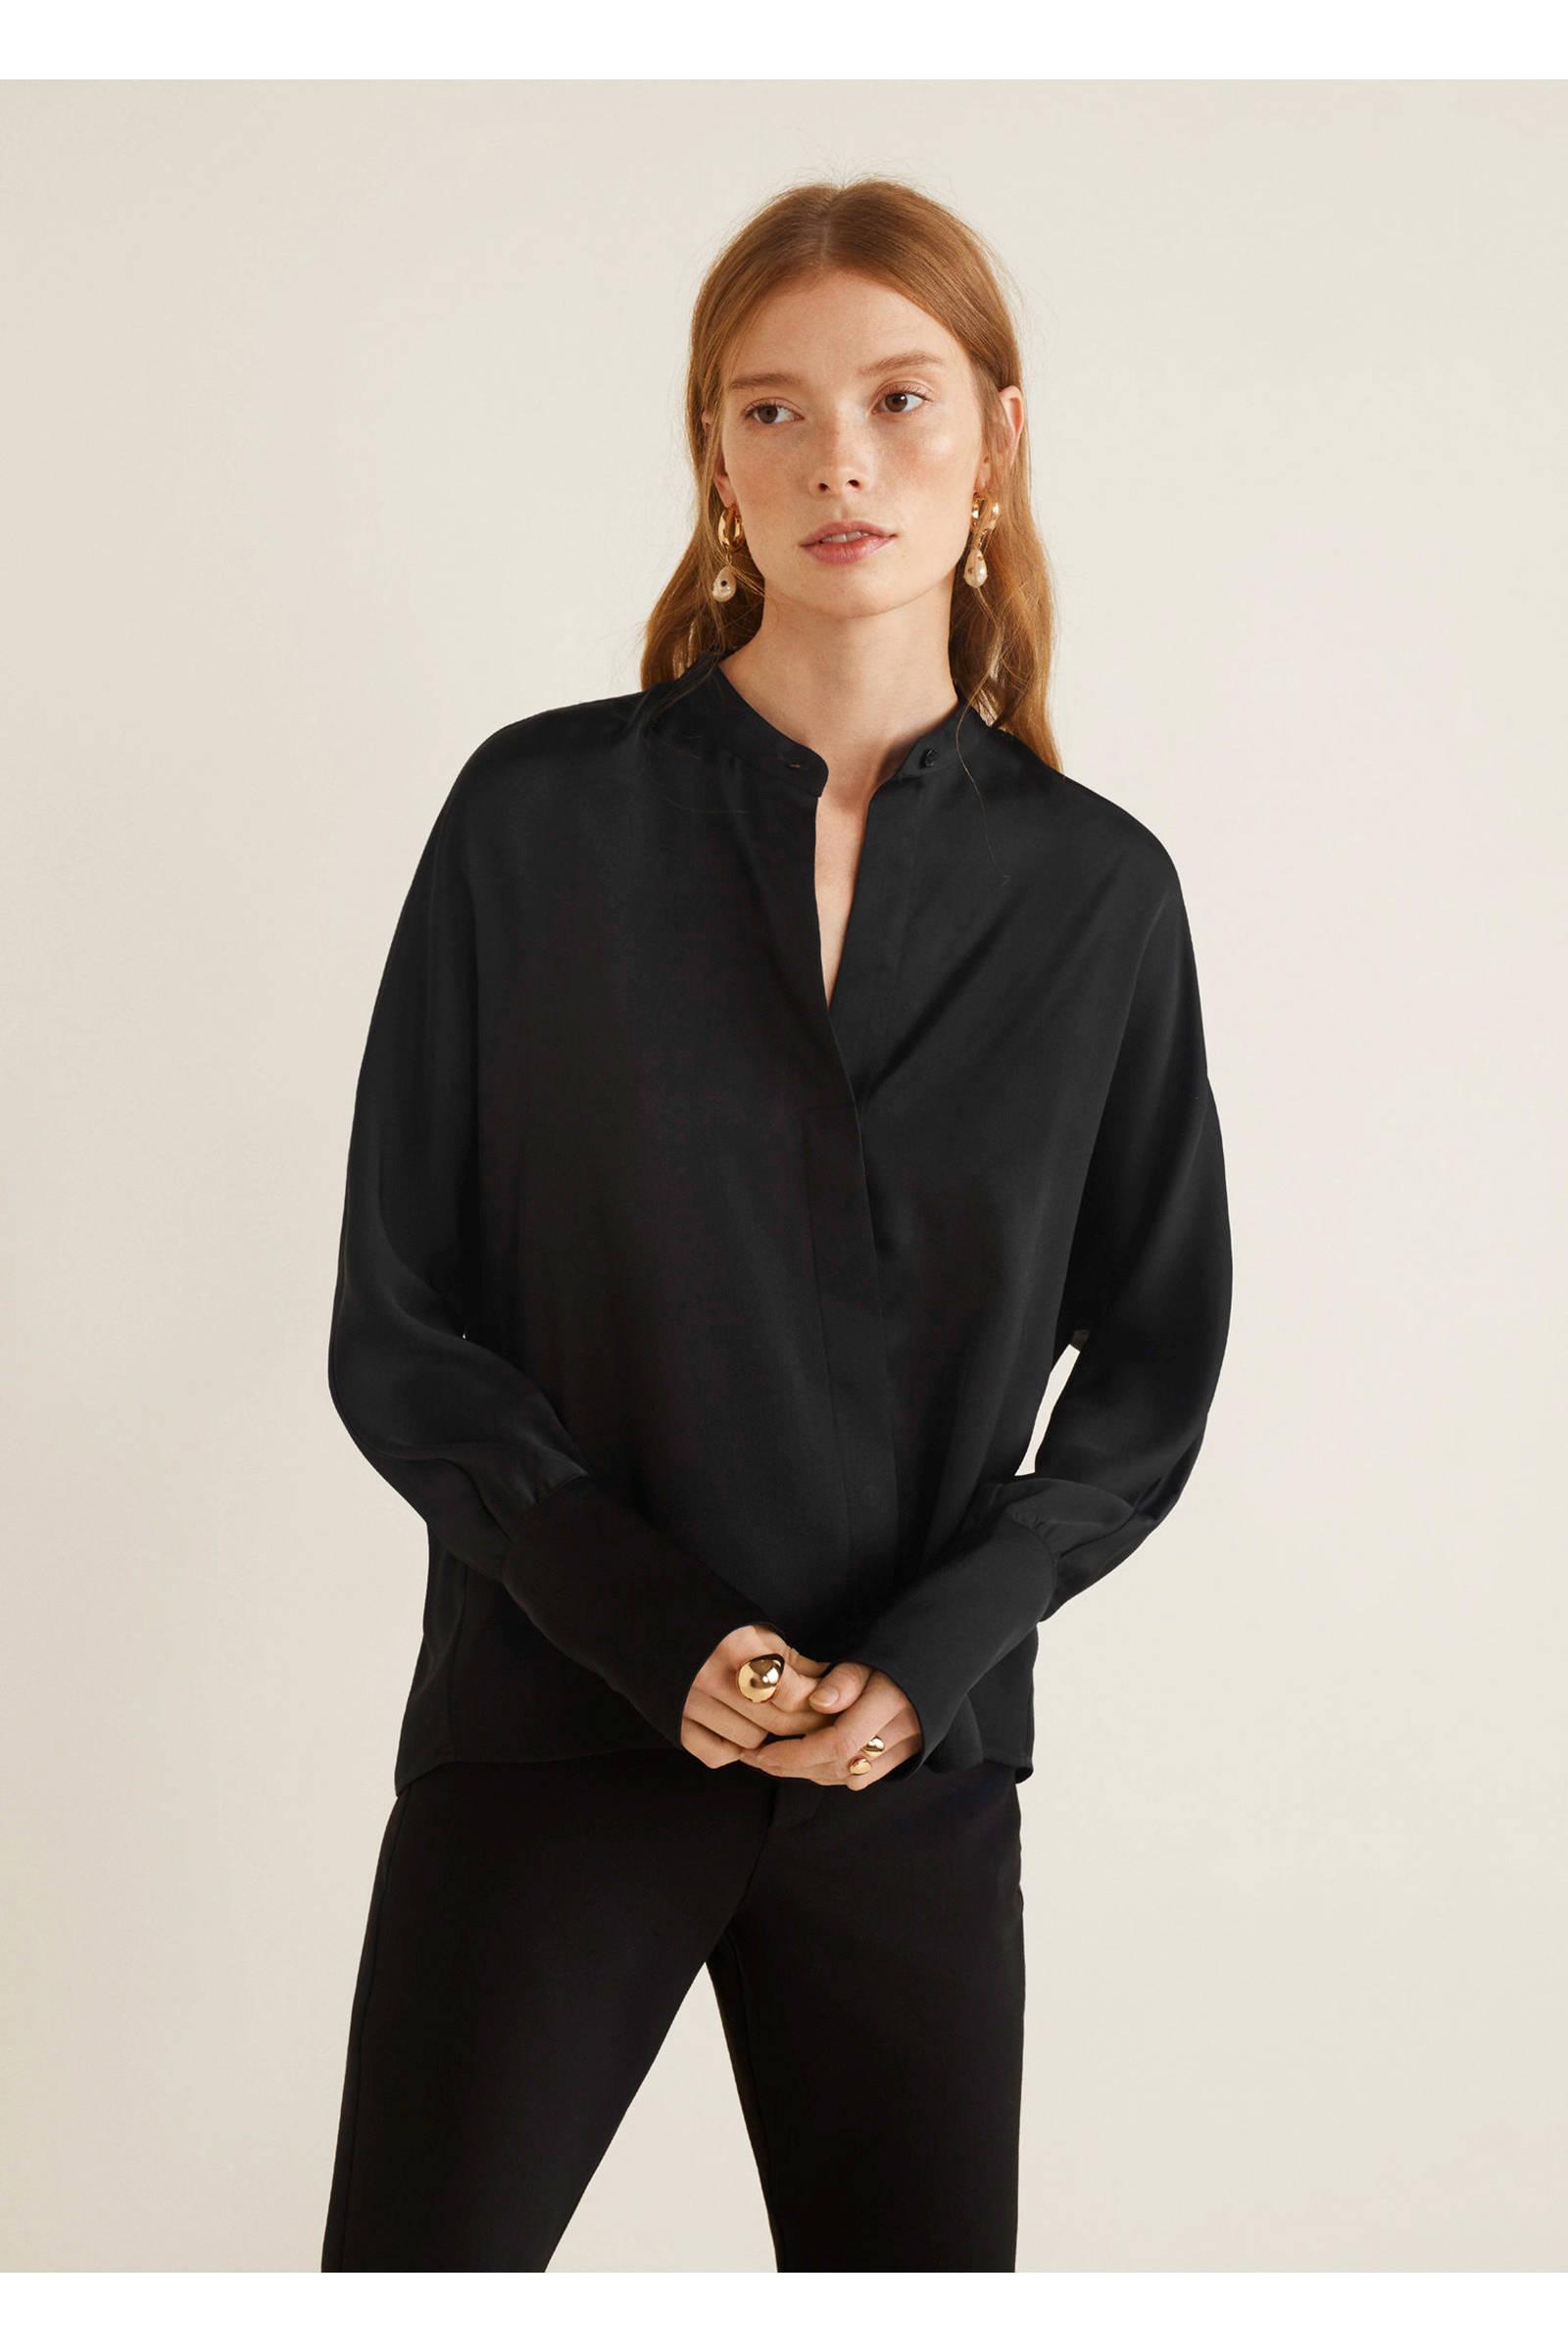 Mango Mango blouse Mango Mango blouse blouse zwart zwart zwart blouse 46qqrwt